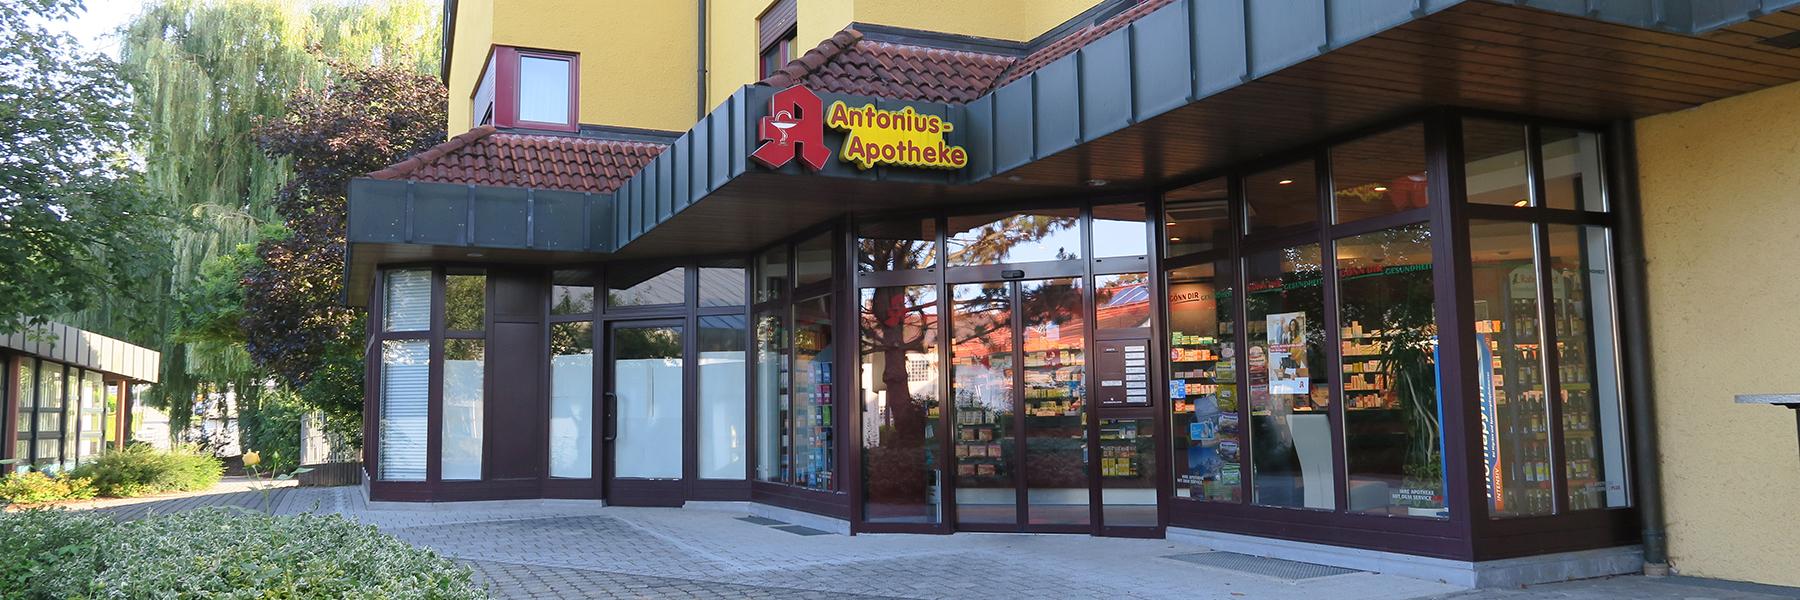 Herzlich willkommen in Ihrer Antonius-Apotheke!